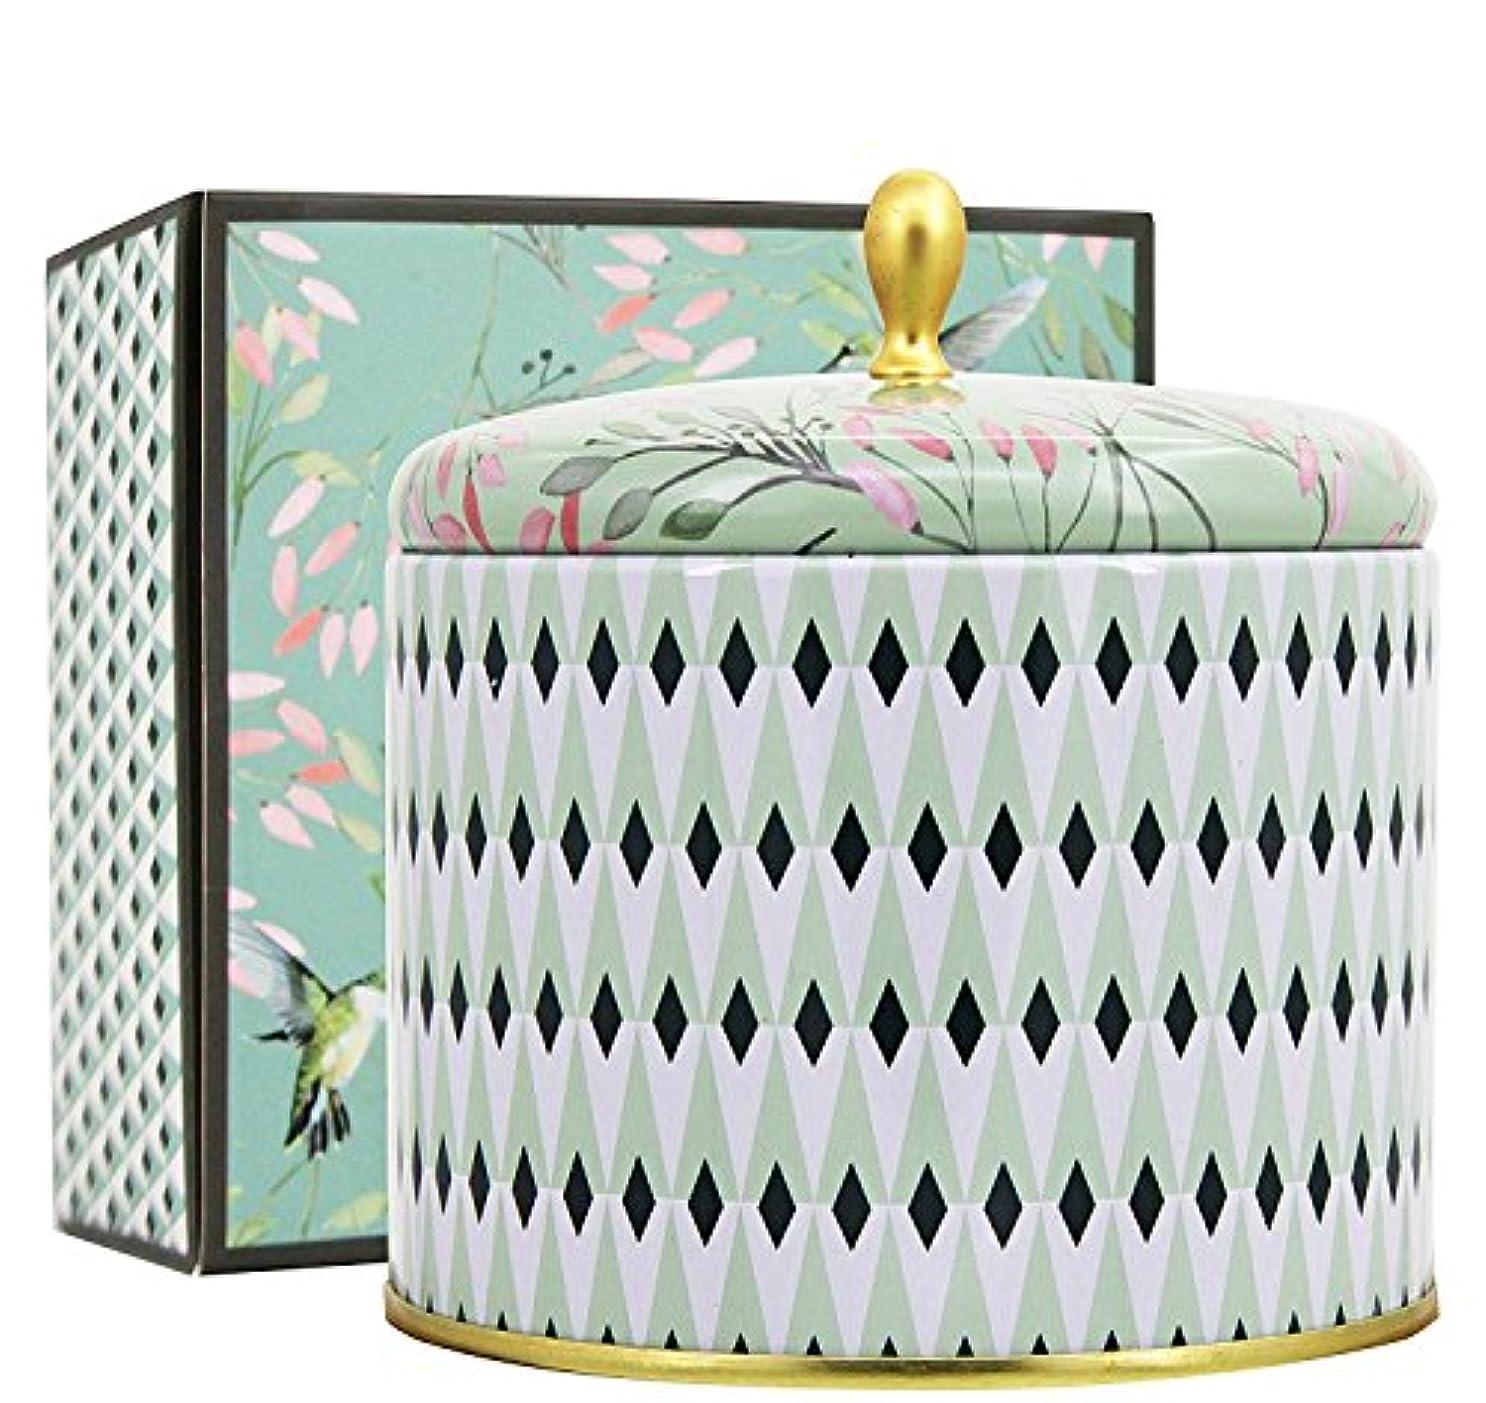 エイリアス寝室を掃除するロボット(White Tea Candle) - Scented Candles 410ml White Tea Large Tin Aromatherapy Candle 2 Wicks Natural Wax, Valentine's...